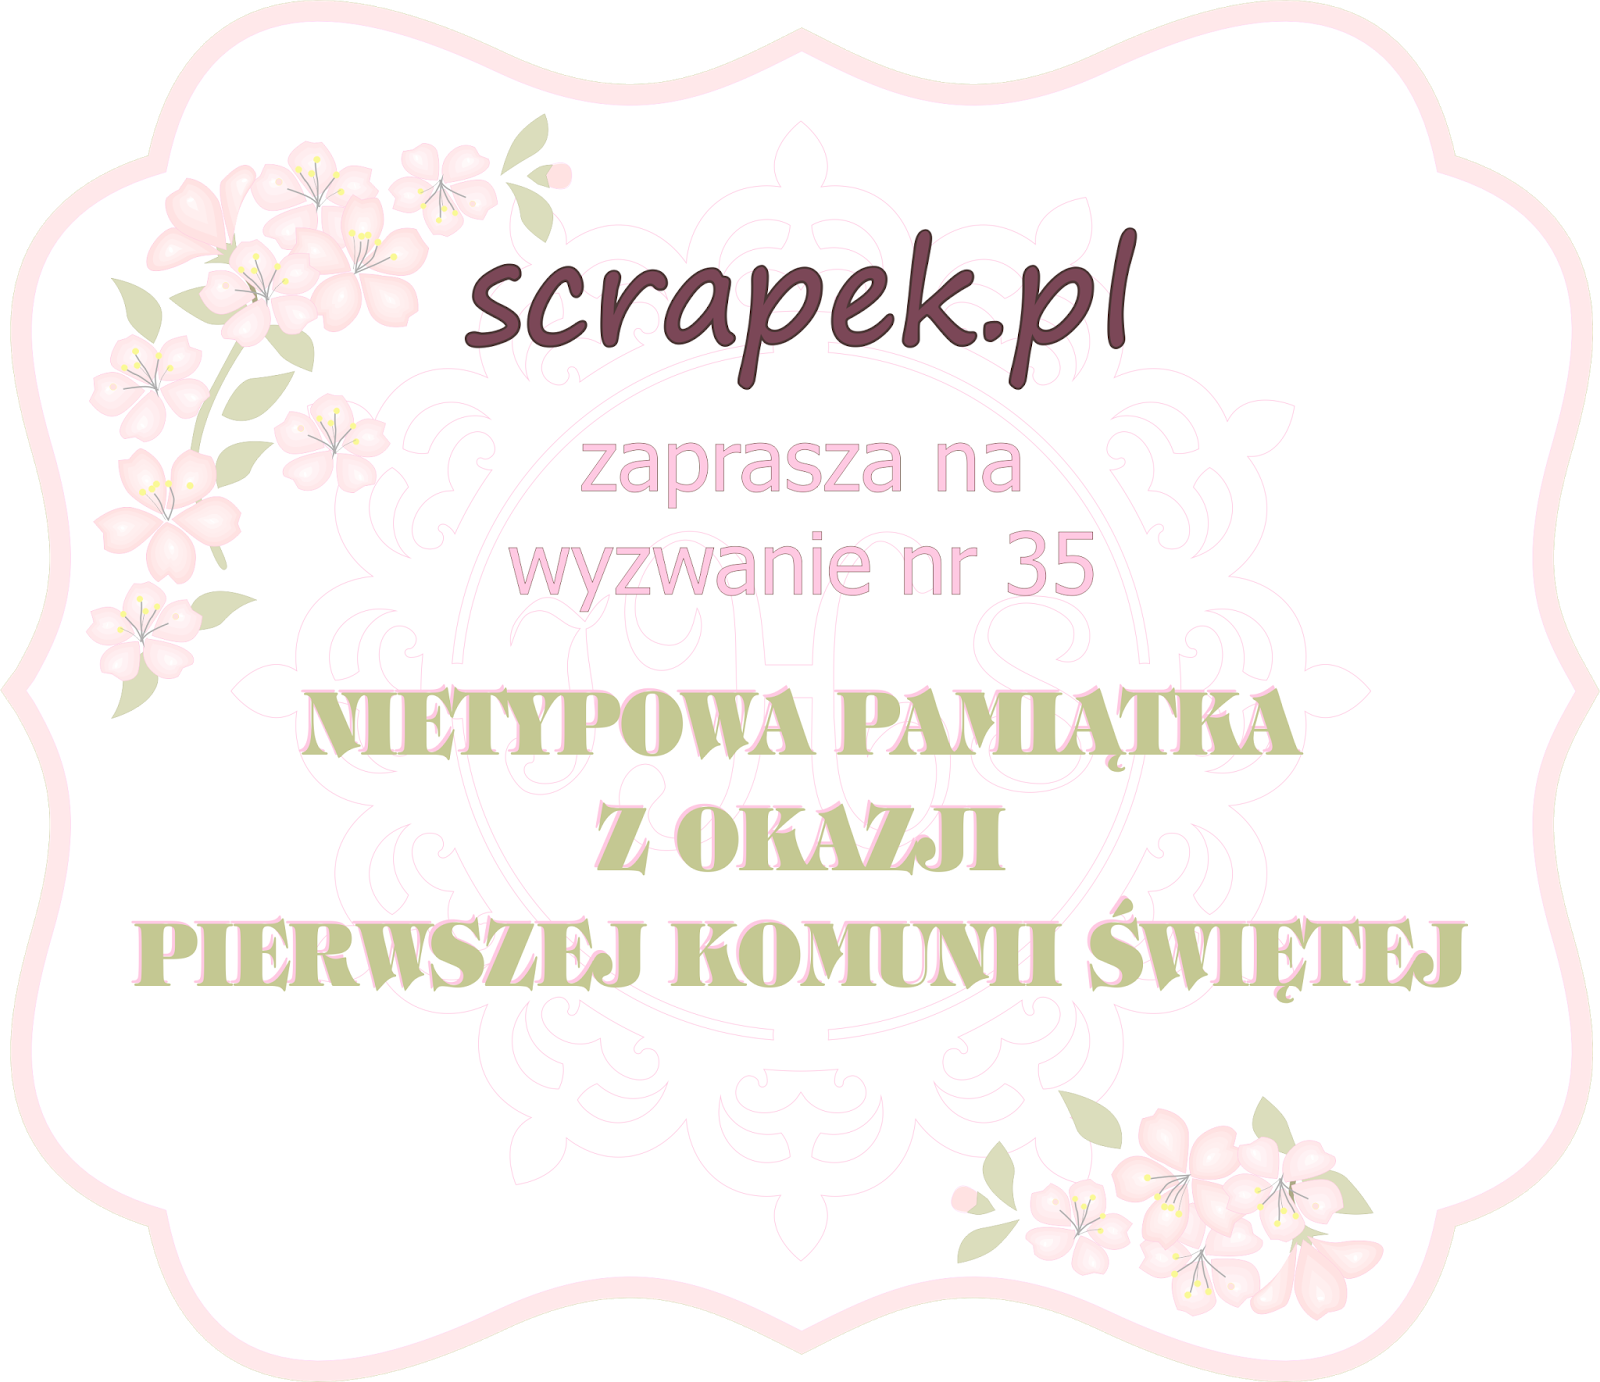 http://scrapek.blogspot.com/2015/04/wyzwanie-nr-35-nietypowa-pamiatka-z_14.html